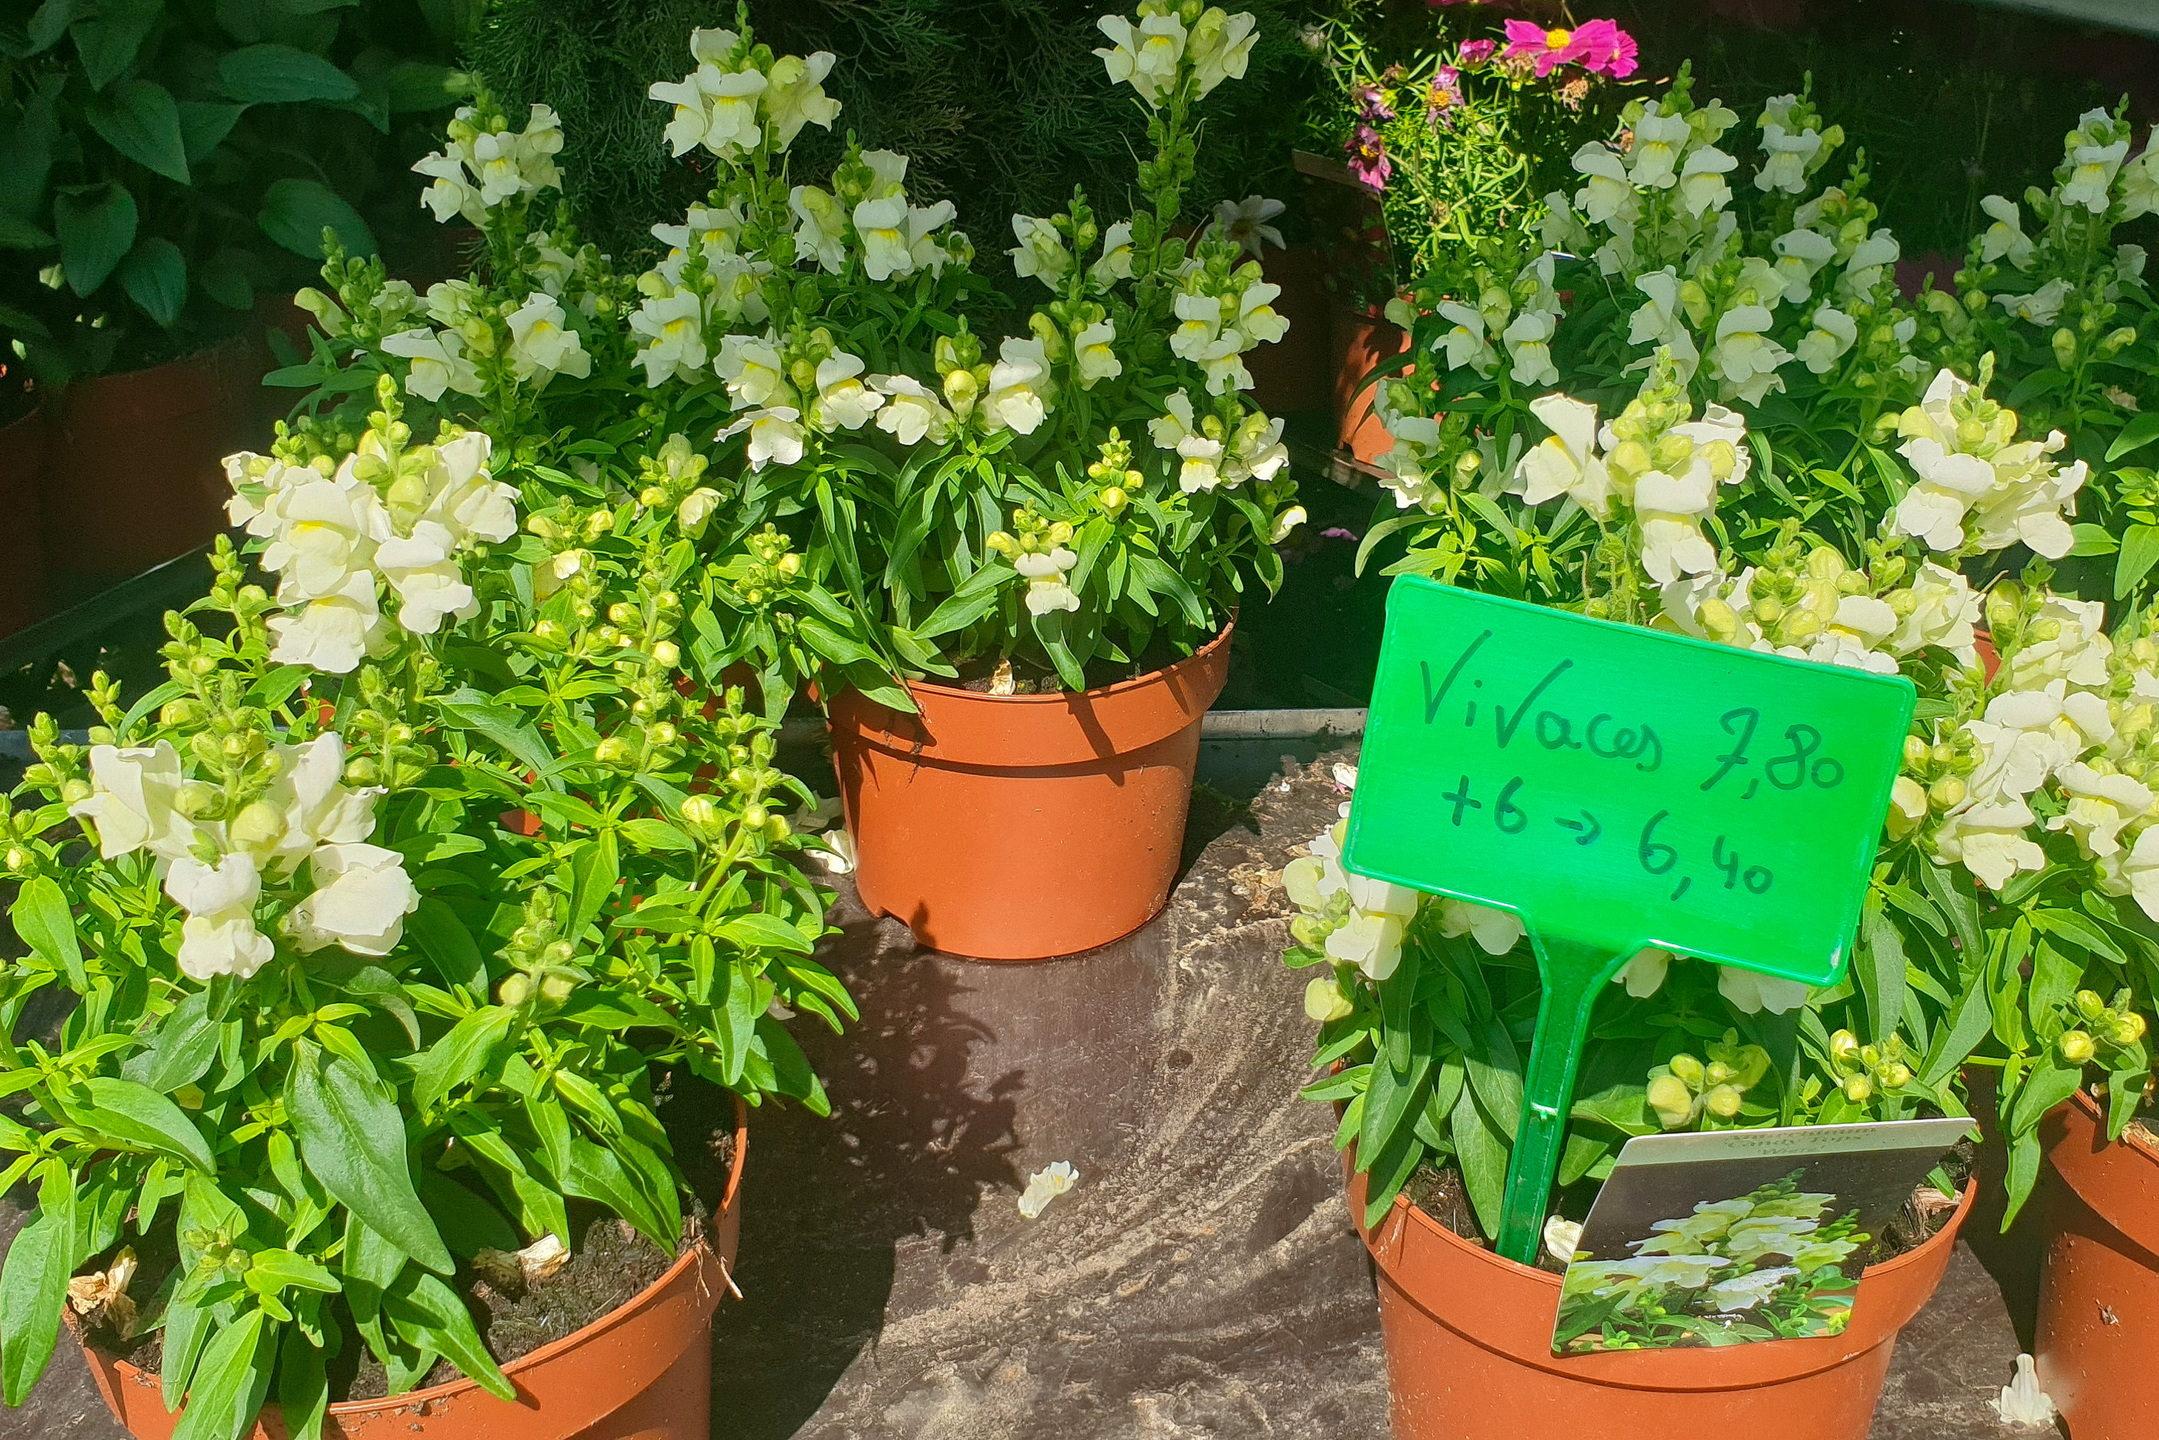 Le-jardin-des-oliviers-21-06-12-09.jpg